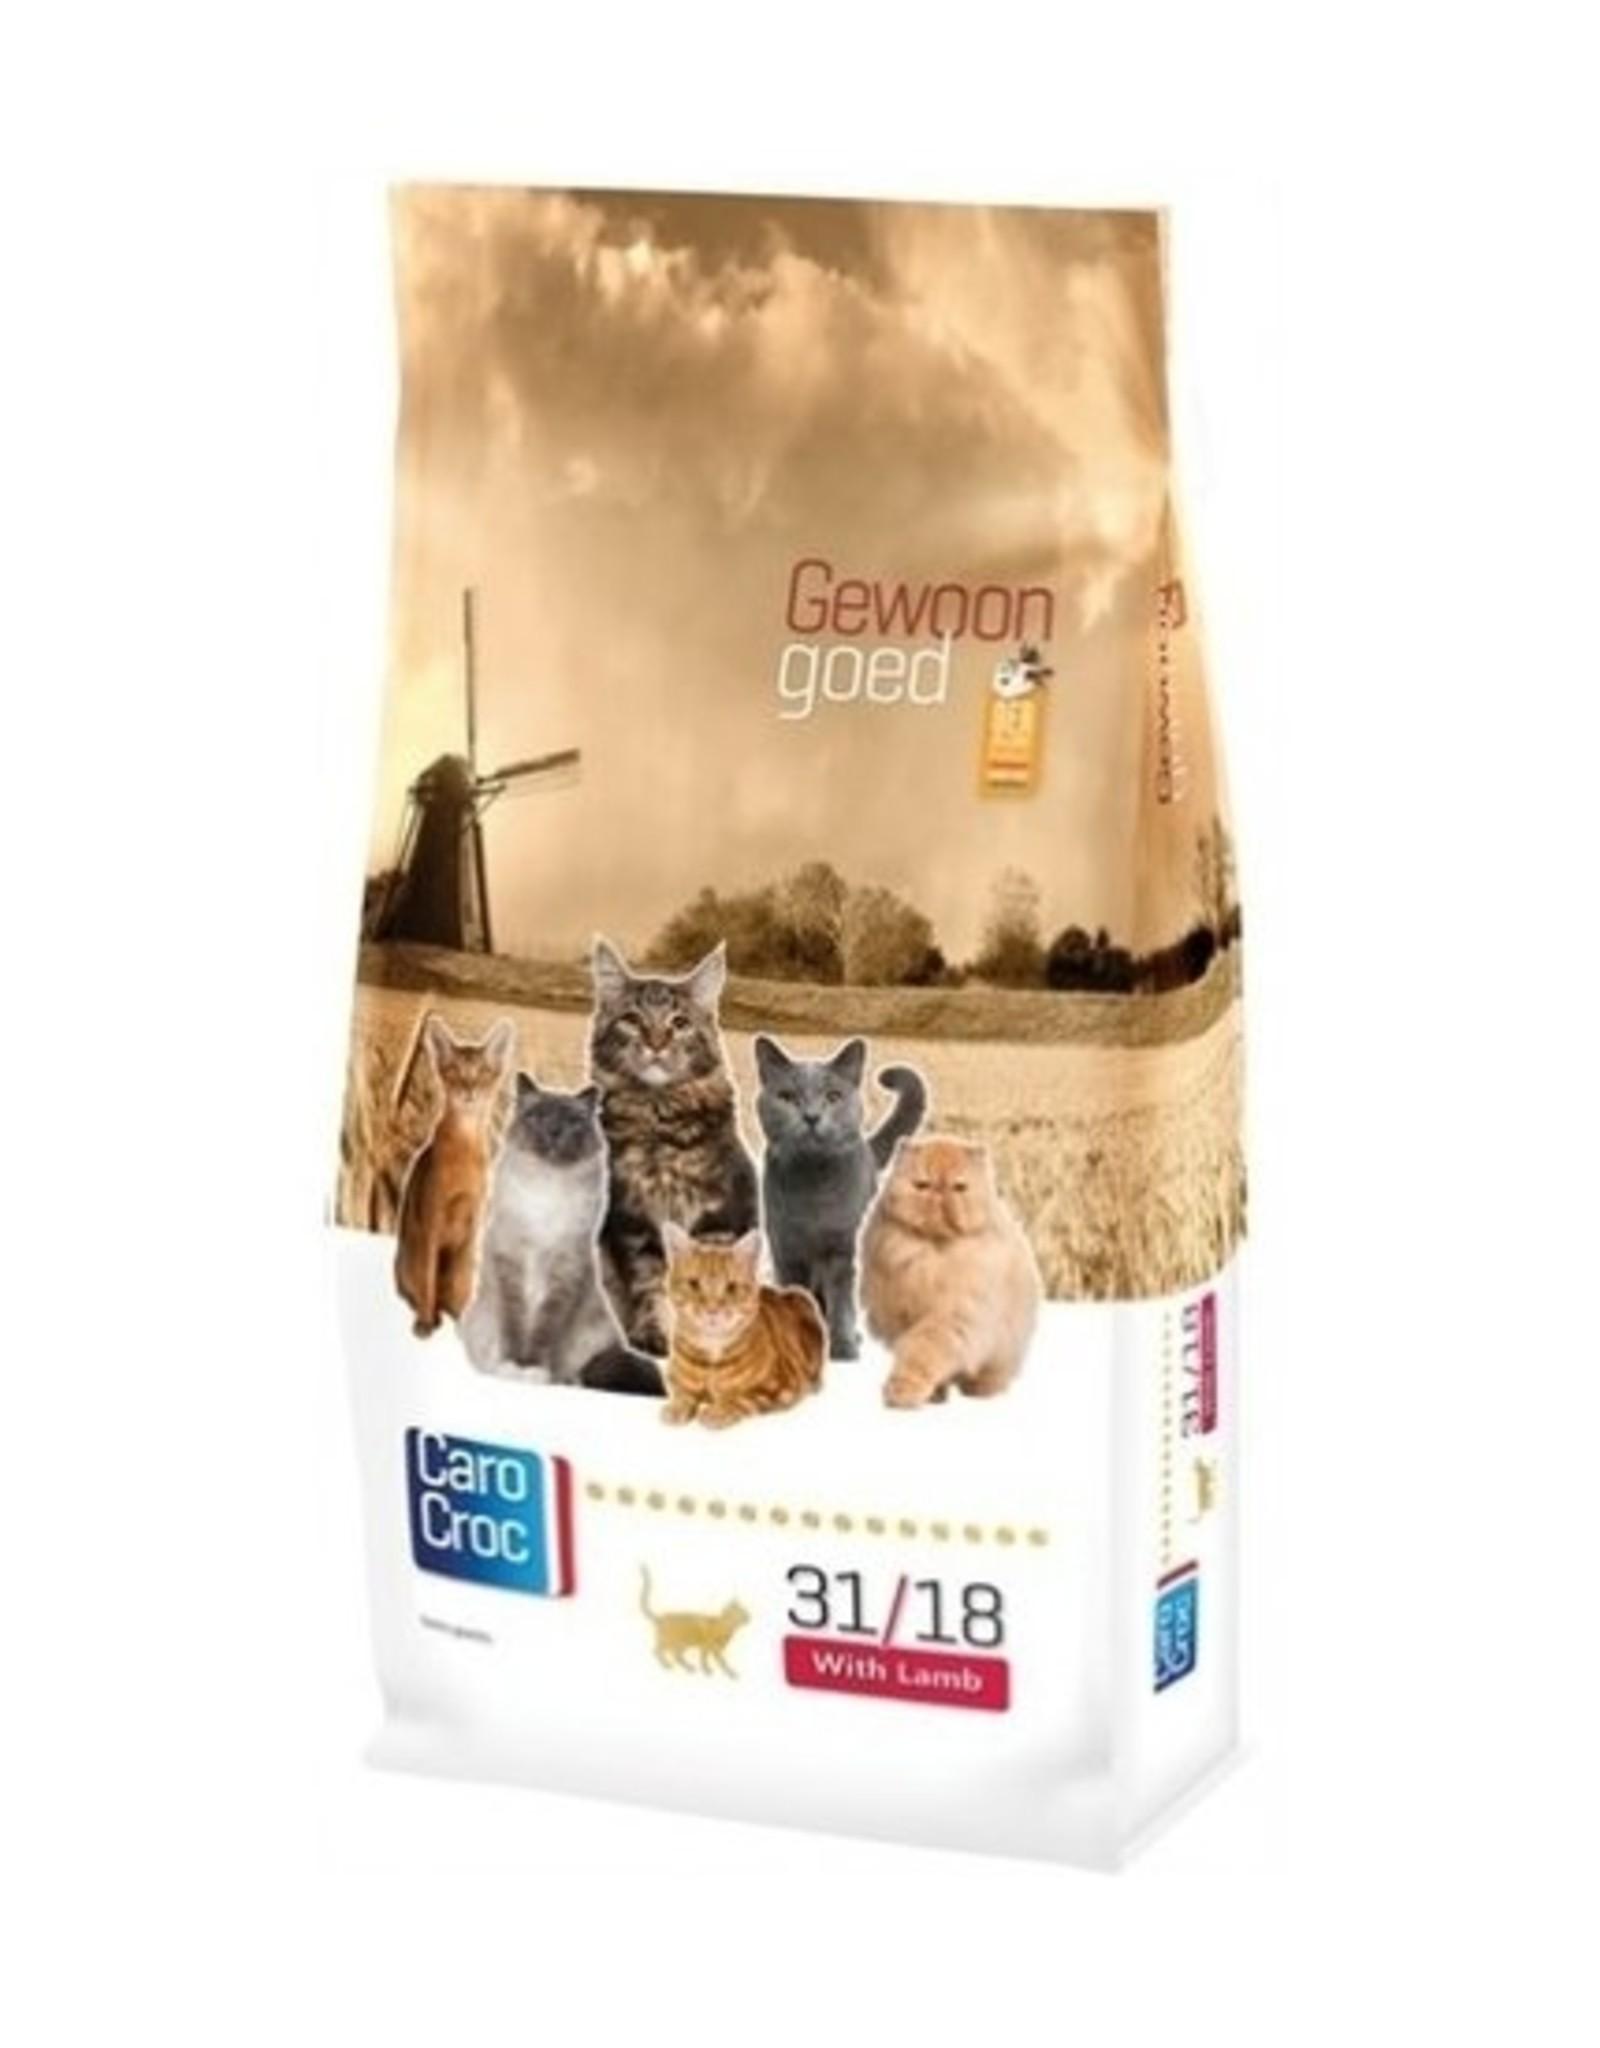 Sanimed Sanimed Carocroc Kat 31/18 Lamb Rice 6x400gr